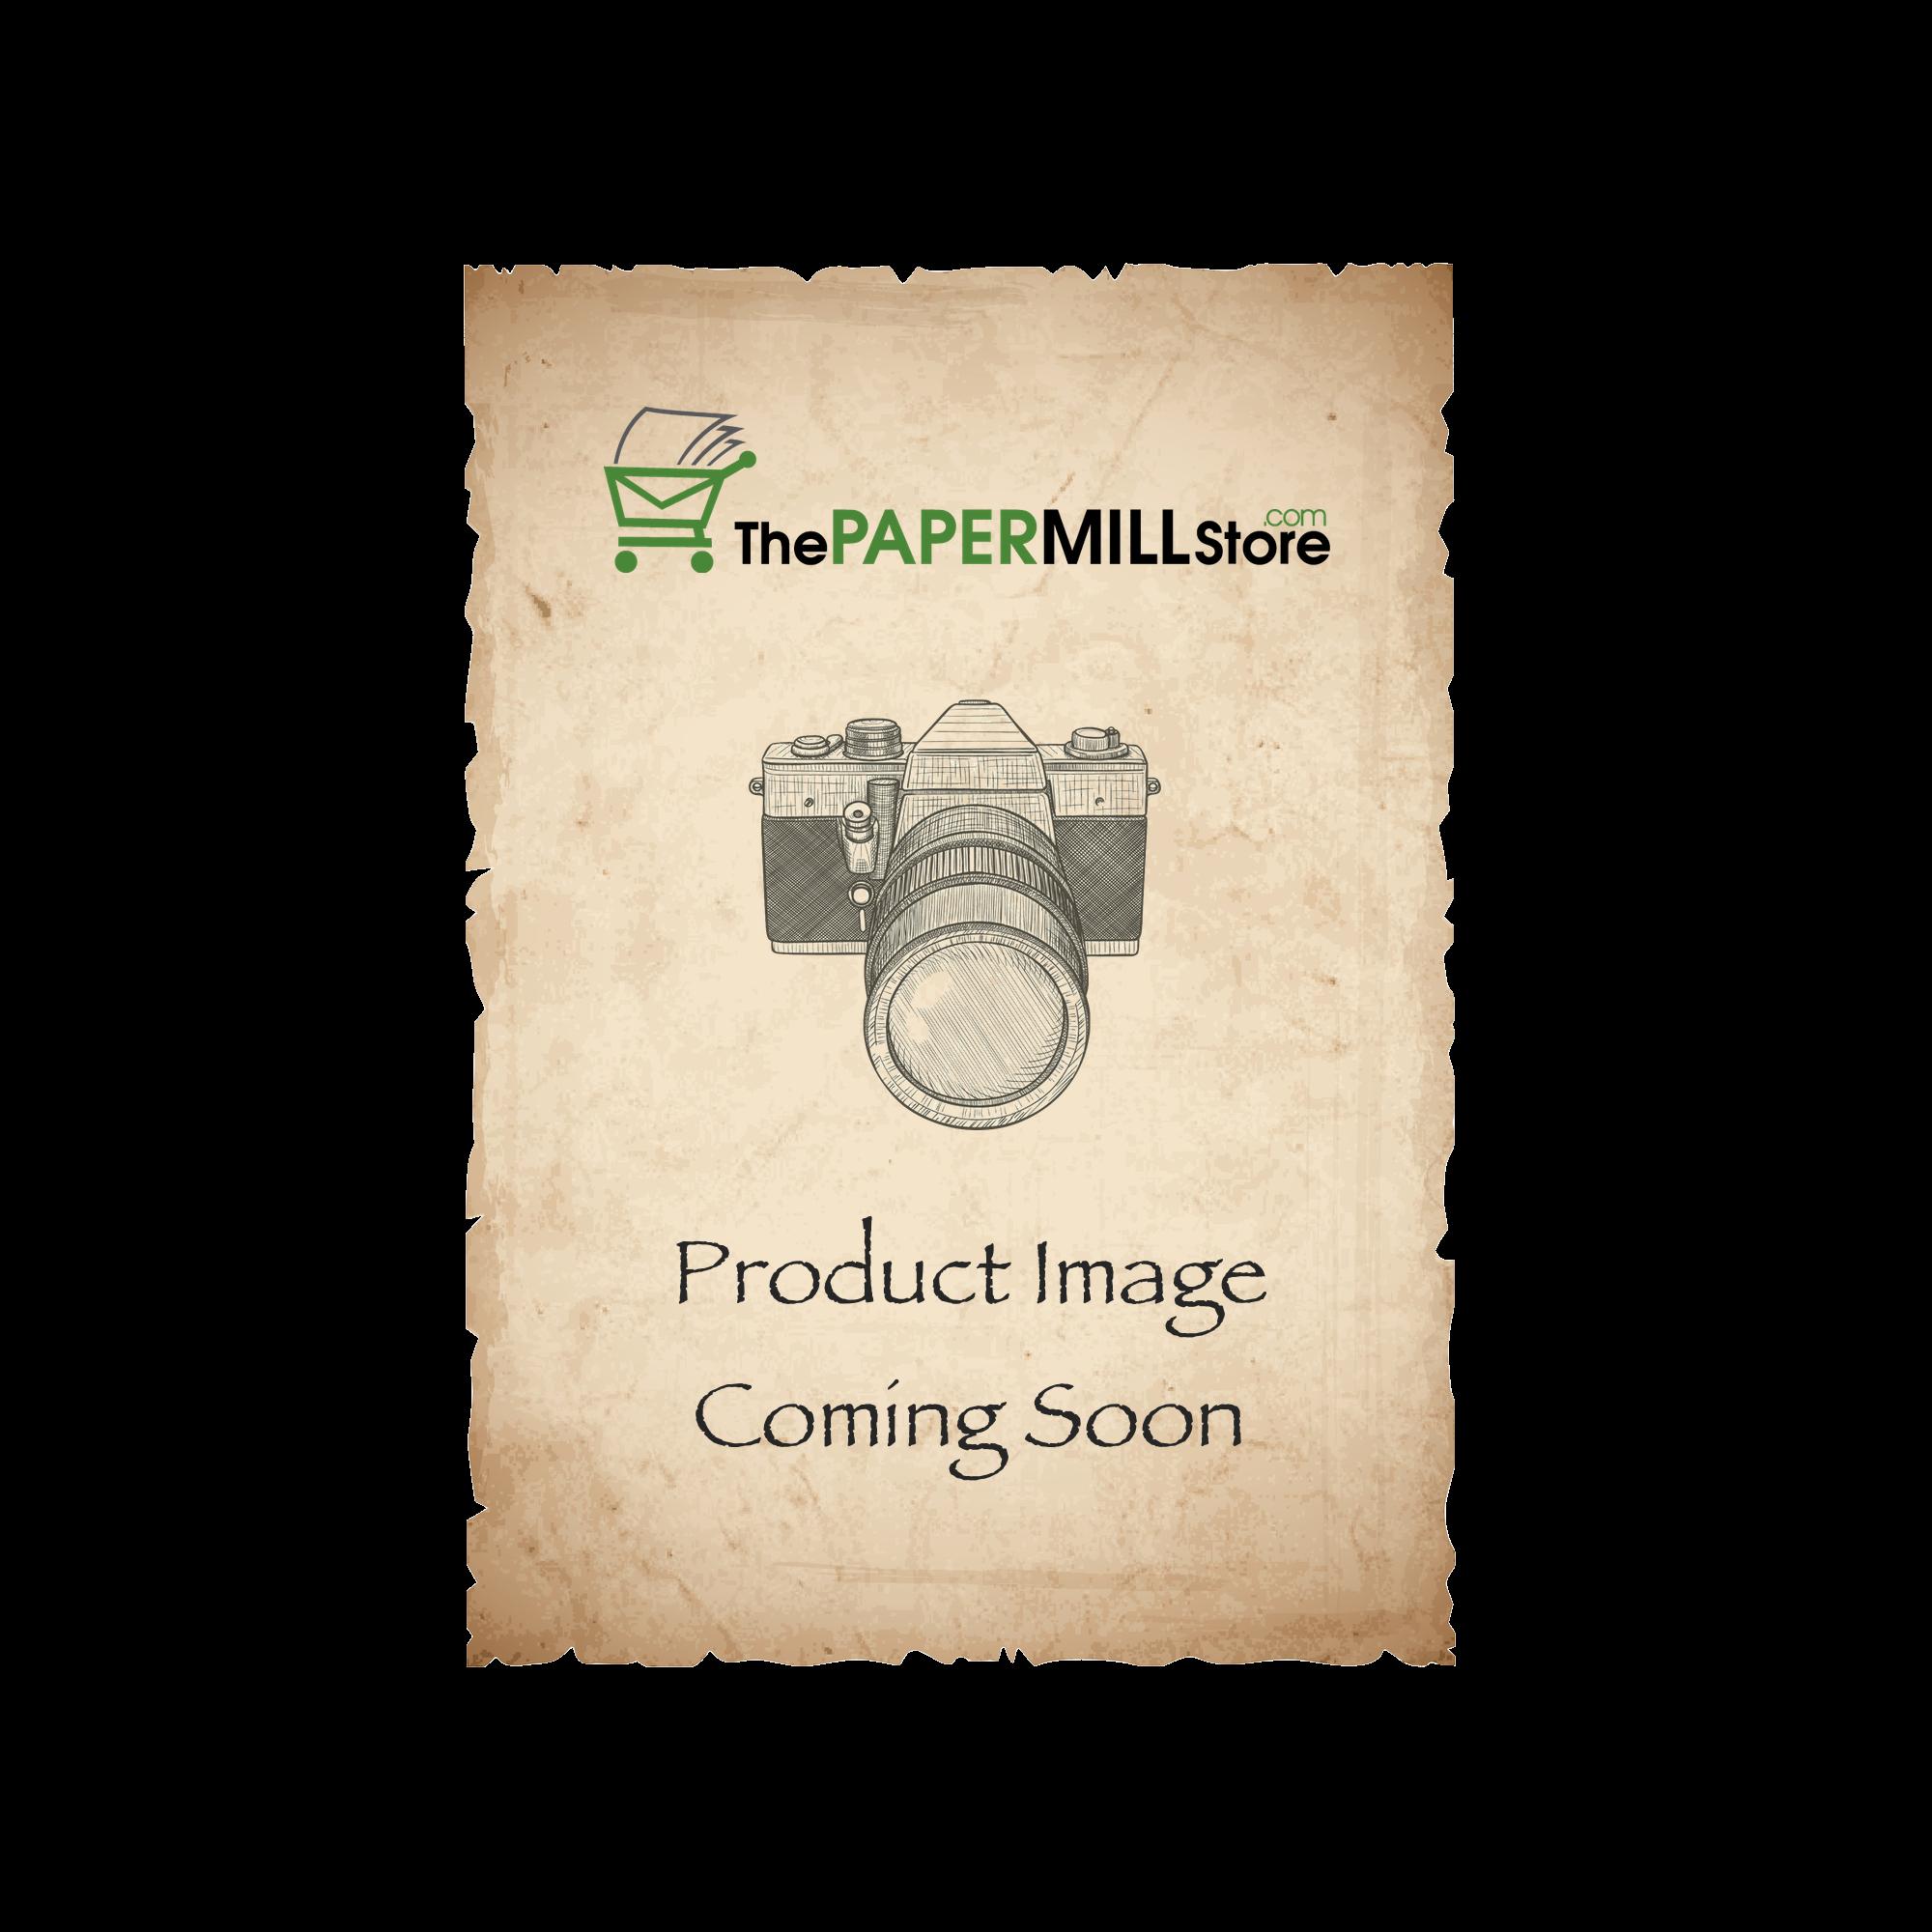 ASPIRE Petallics Beargrass Envelopes - No. 10 Square Flap (4 1/8 x 9 1/2) 80 lb Text Metallic C/2S 2500 per Carton